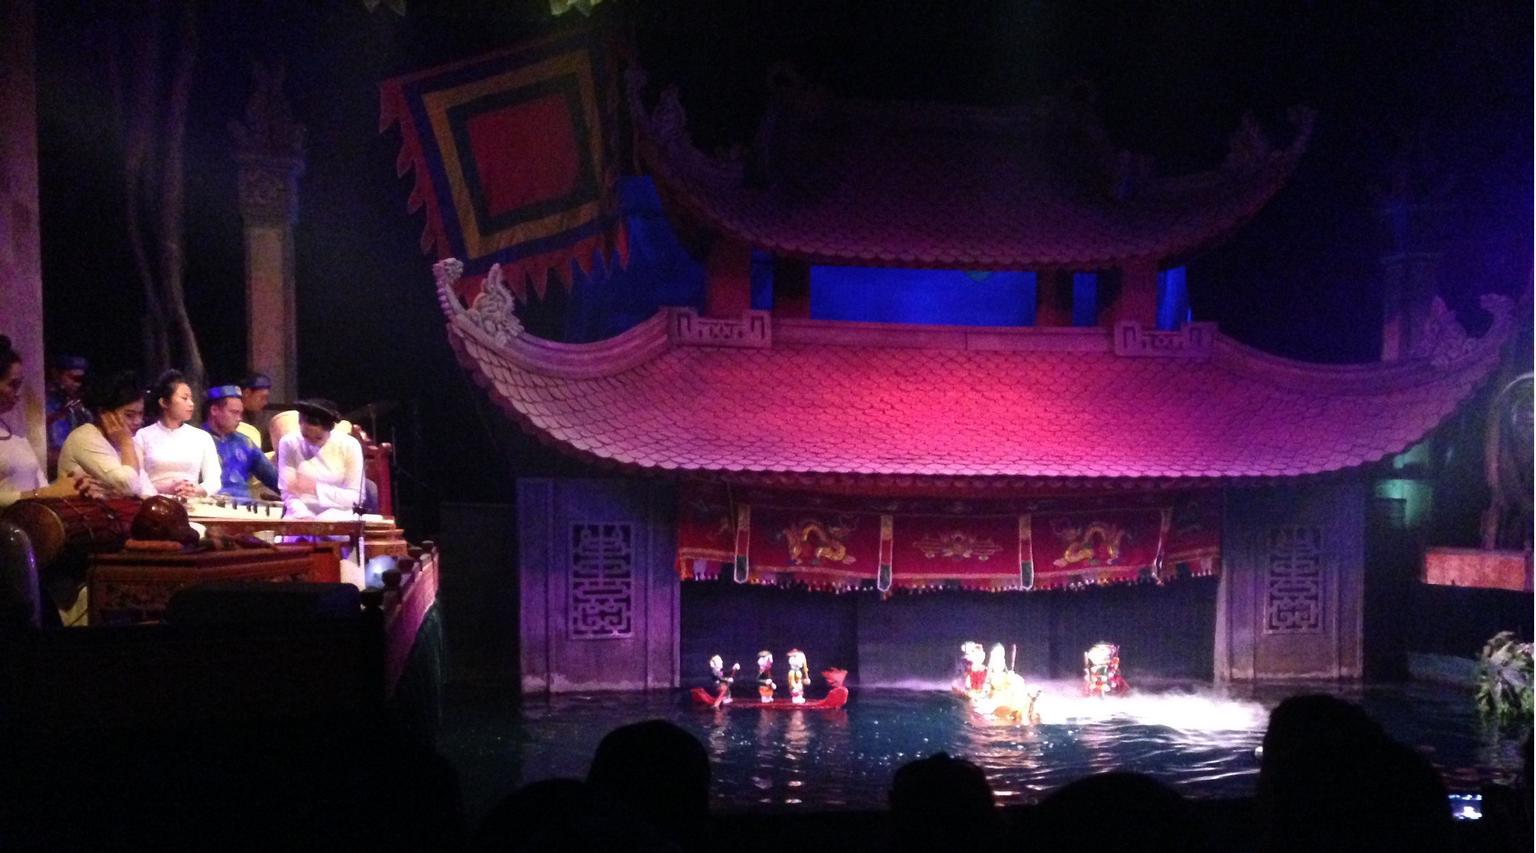 MÁS FOTOS, Las entradas para las Marionetas de agua con envío de billete en Hotel Hanoi